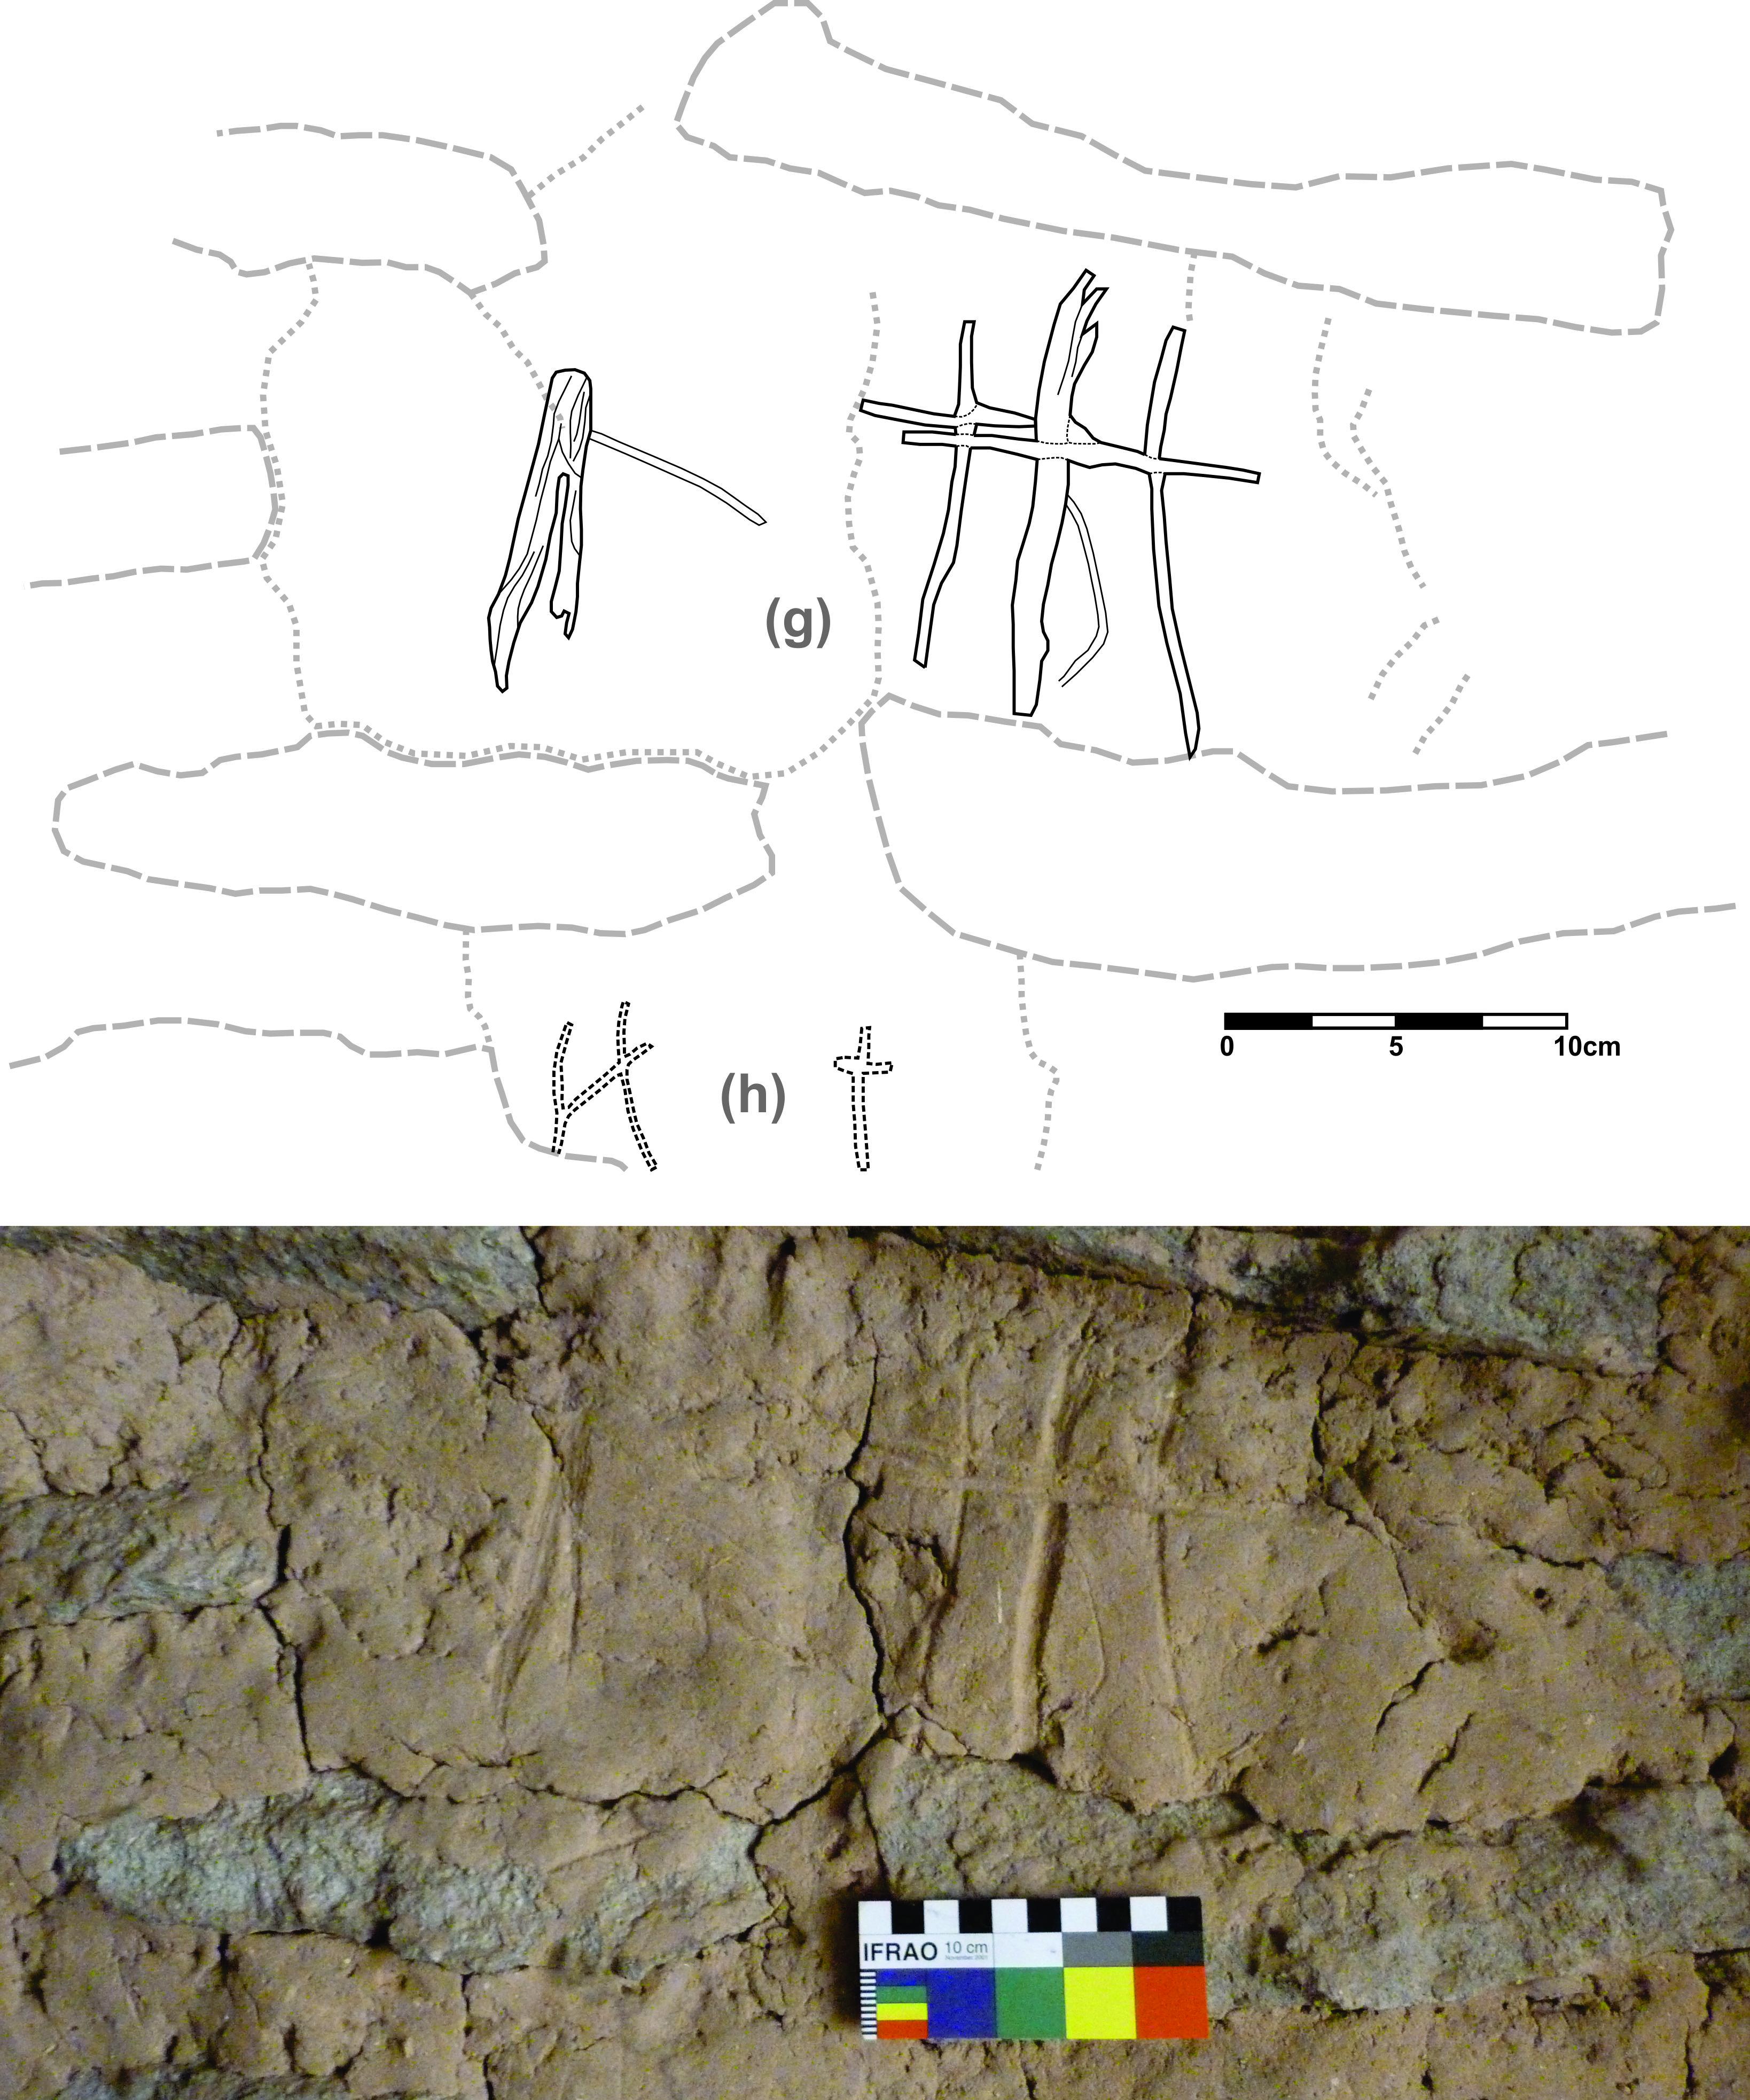 Cruces e iglesias en un contexto chullpario.Arte rupestre colonial ...